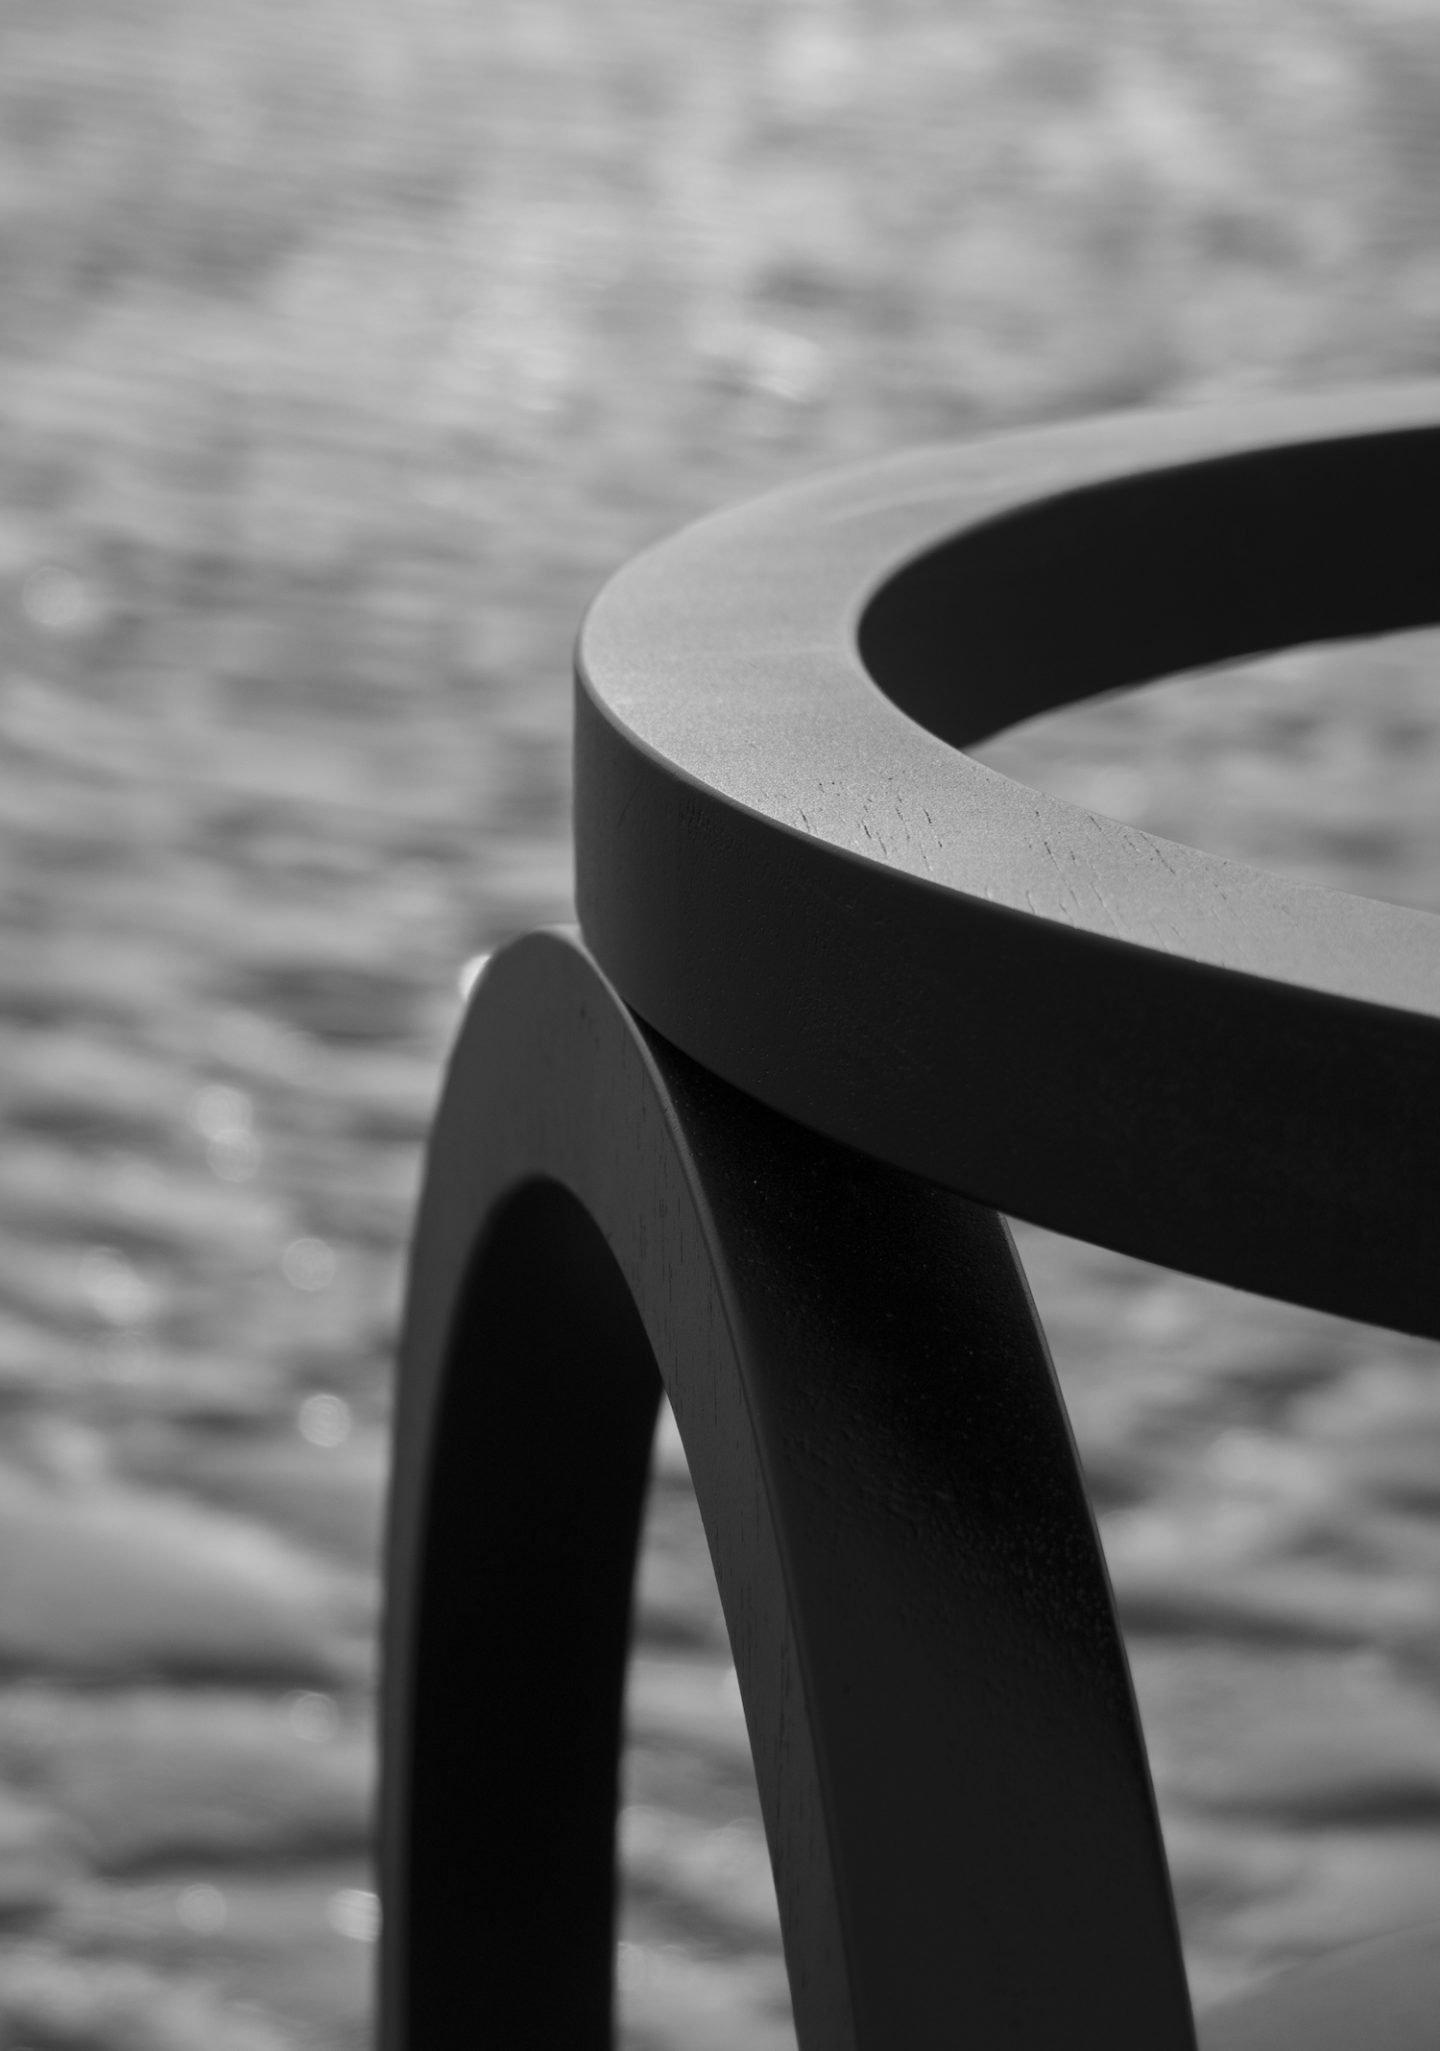 IGNANT-Design-Finder-Arch-Chair-011